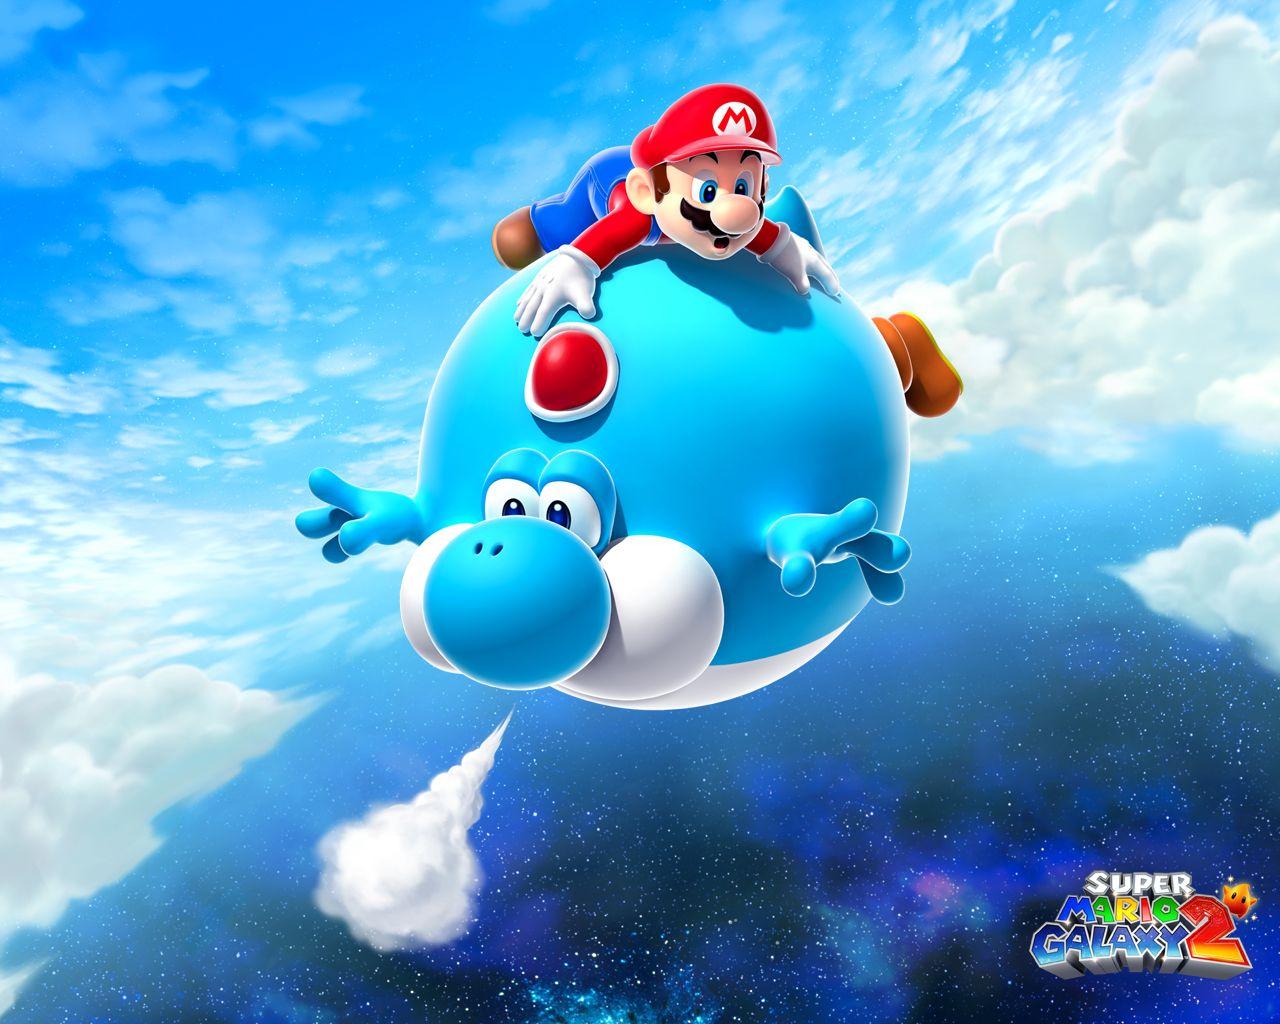 Super Mario Galaxy 2 Yoshi Super Mario Mario Super Mario Games